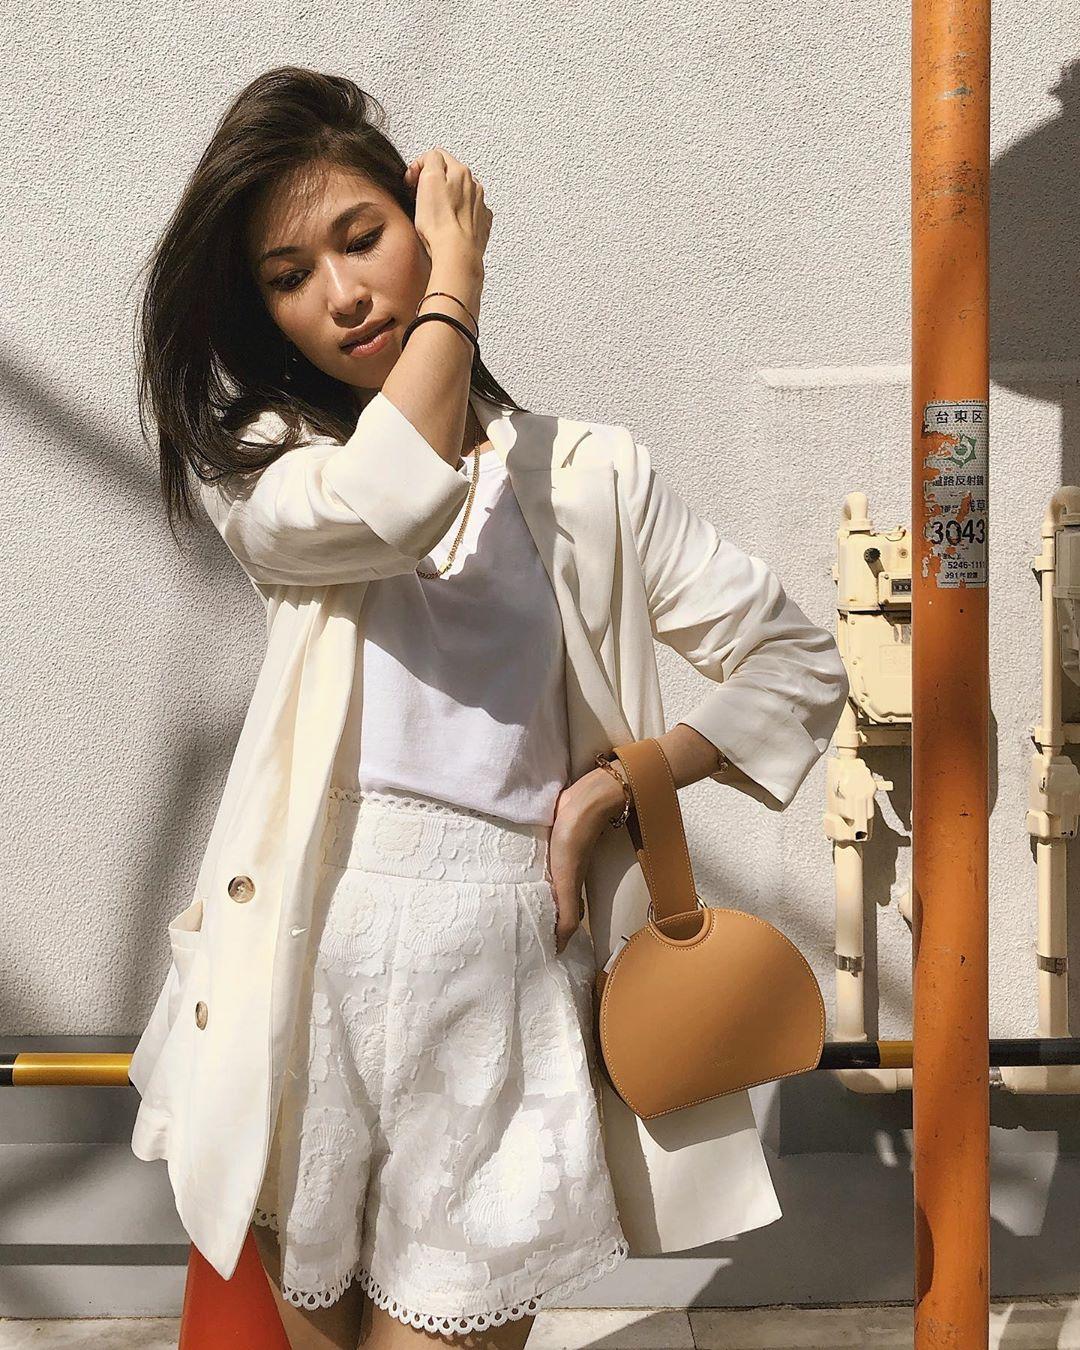 cô gái mặc full trắng đeo túi xách màu nâu